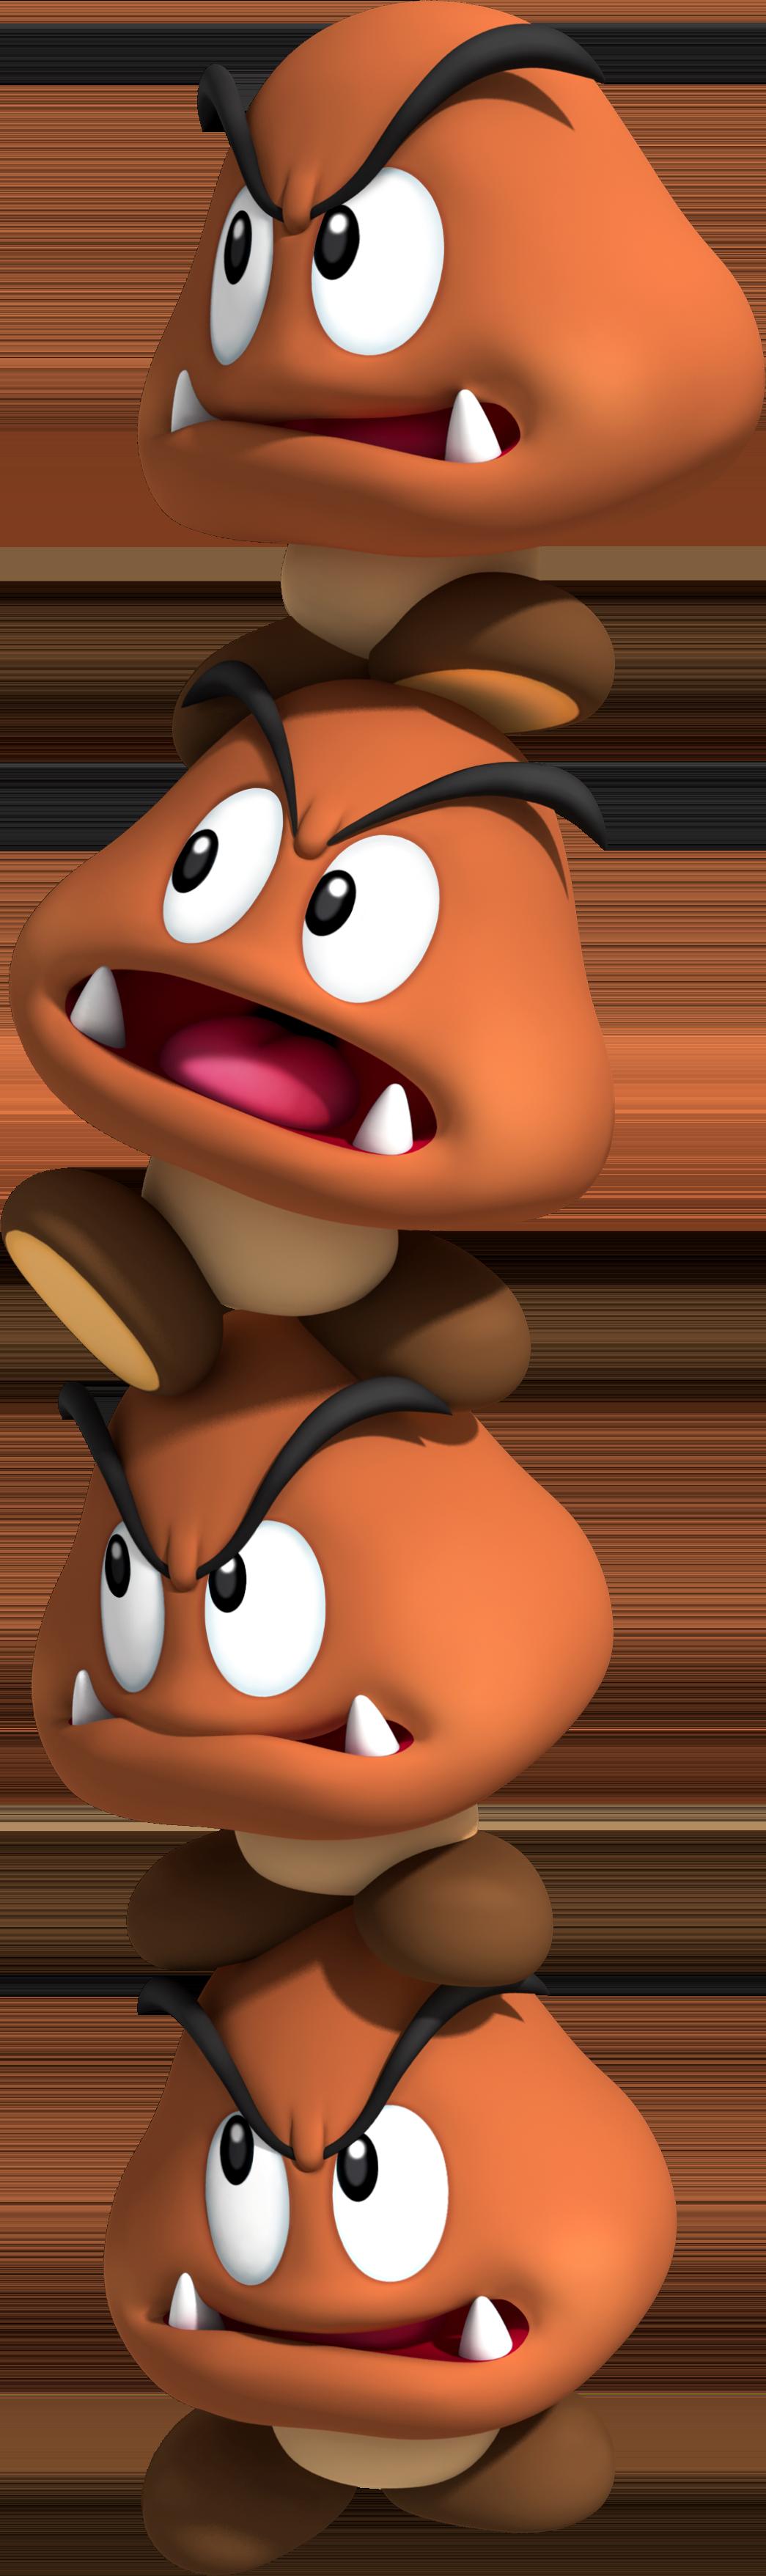 Goomba Tower Super Mario Wiki The Mario Encyclopedia